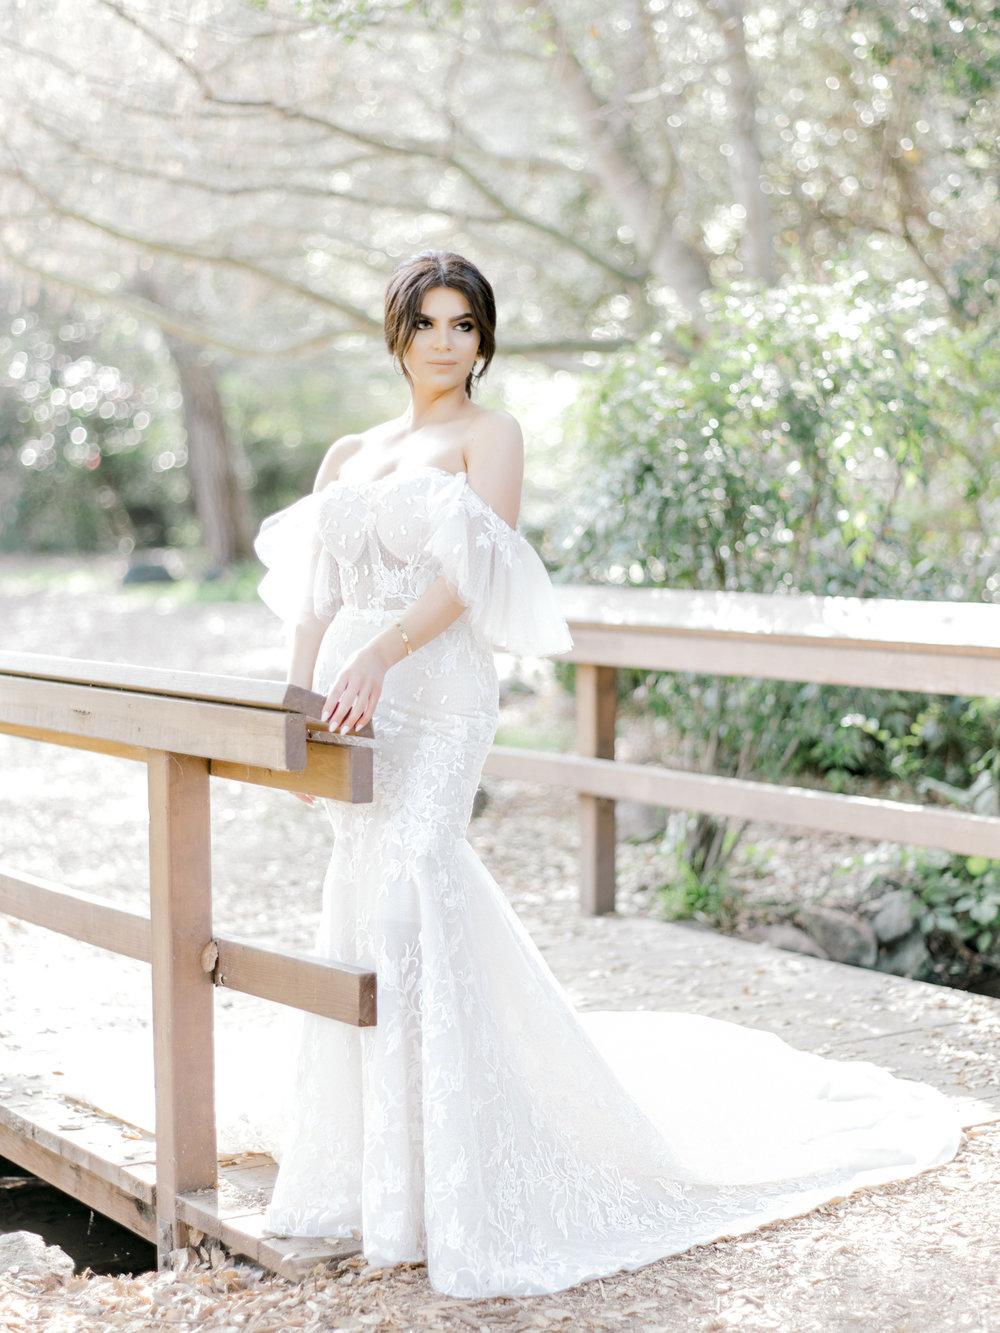 Los Angeles Bride in Berta Bridal — Rene Zadori Photography